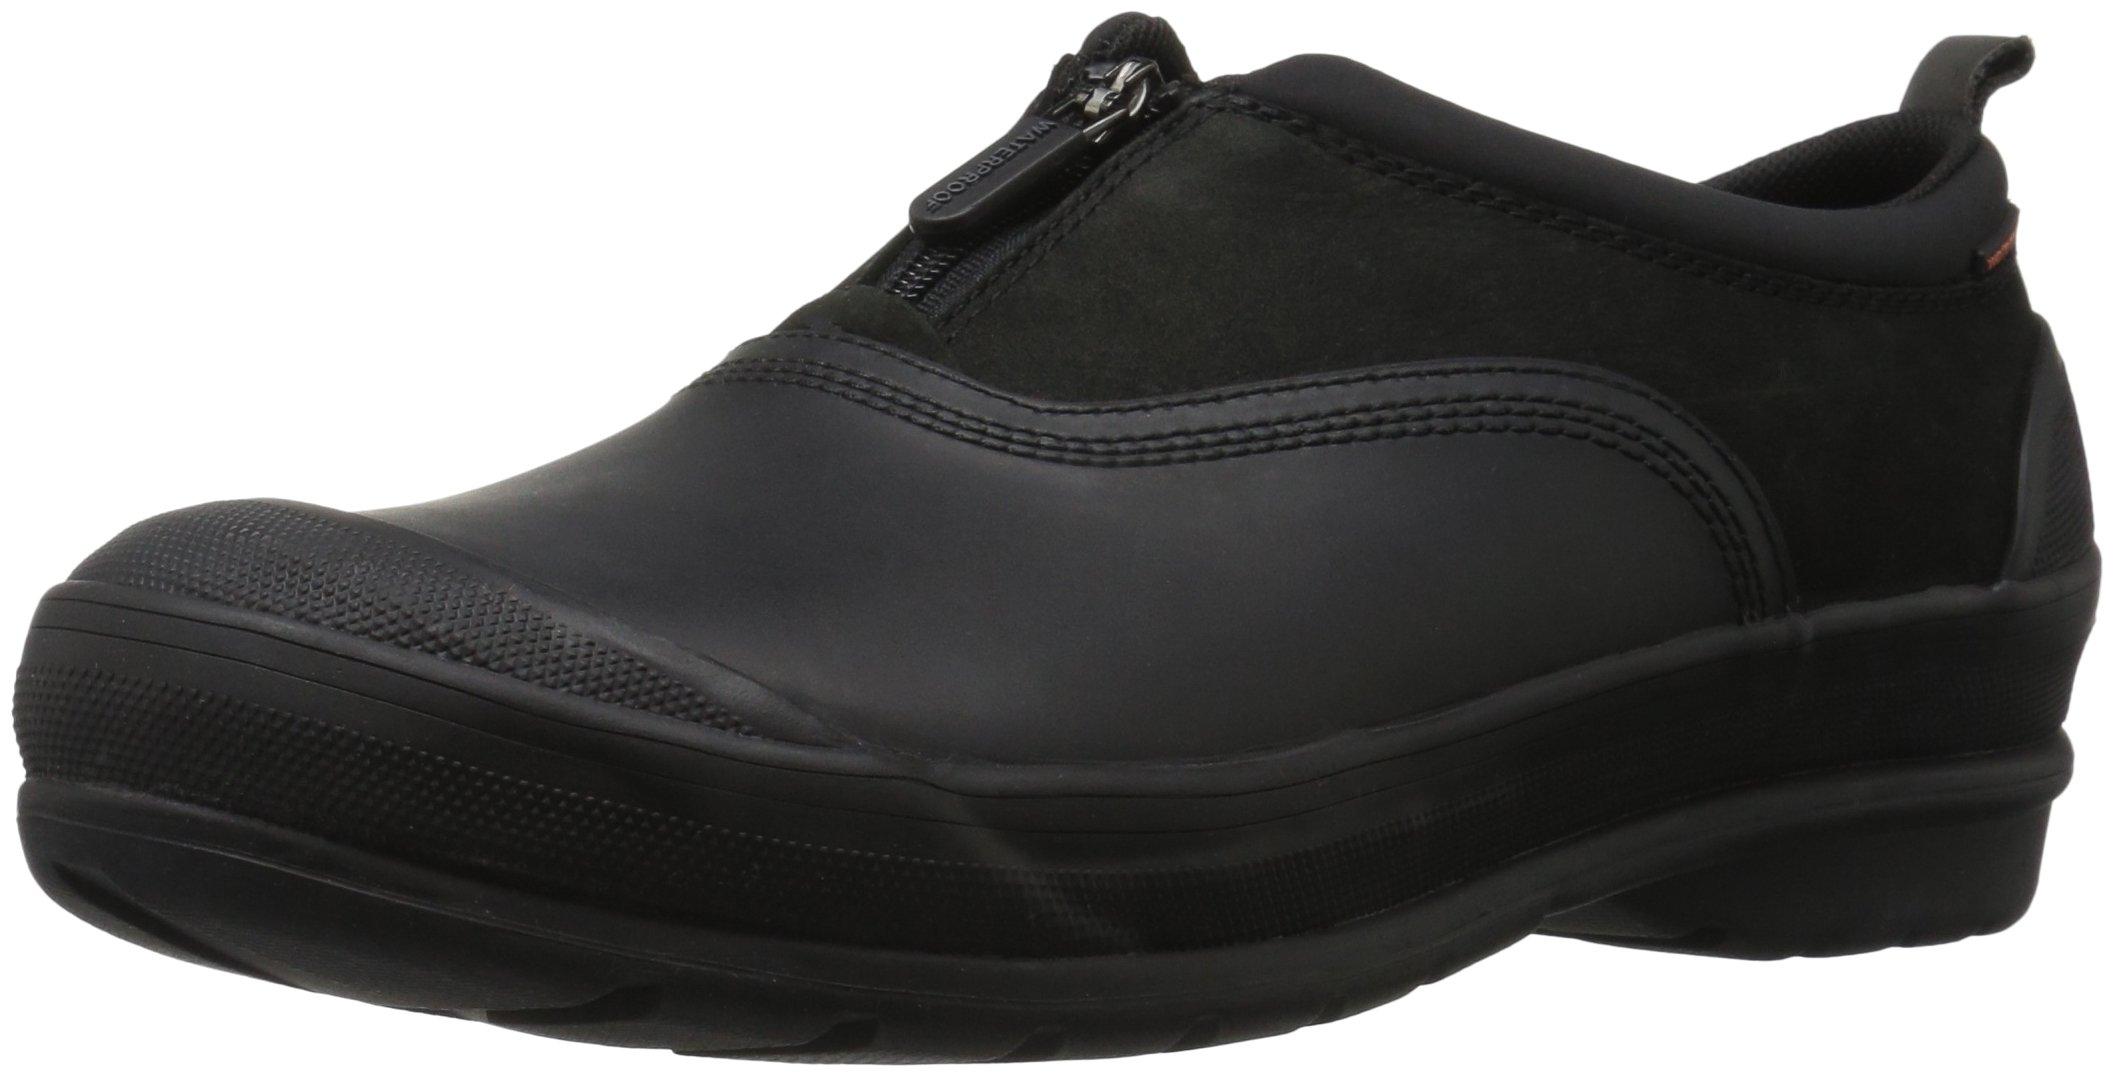 Clarks Women's Muckers Trail Rain Shoe